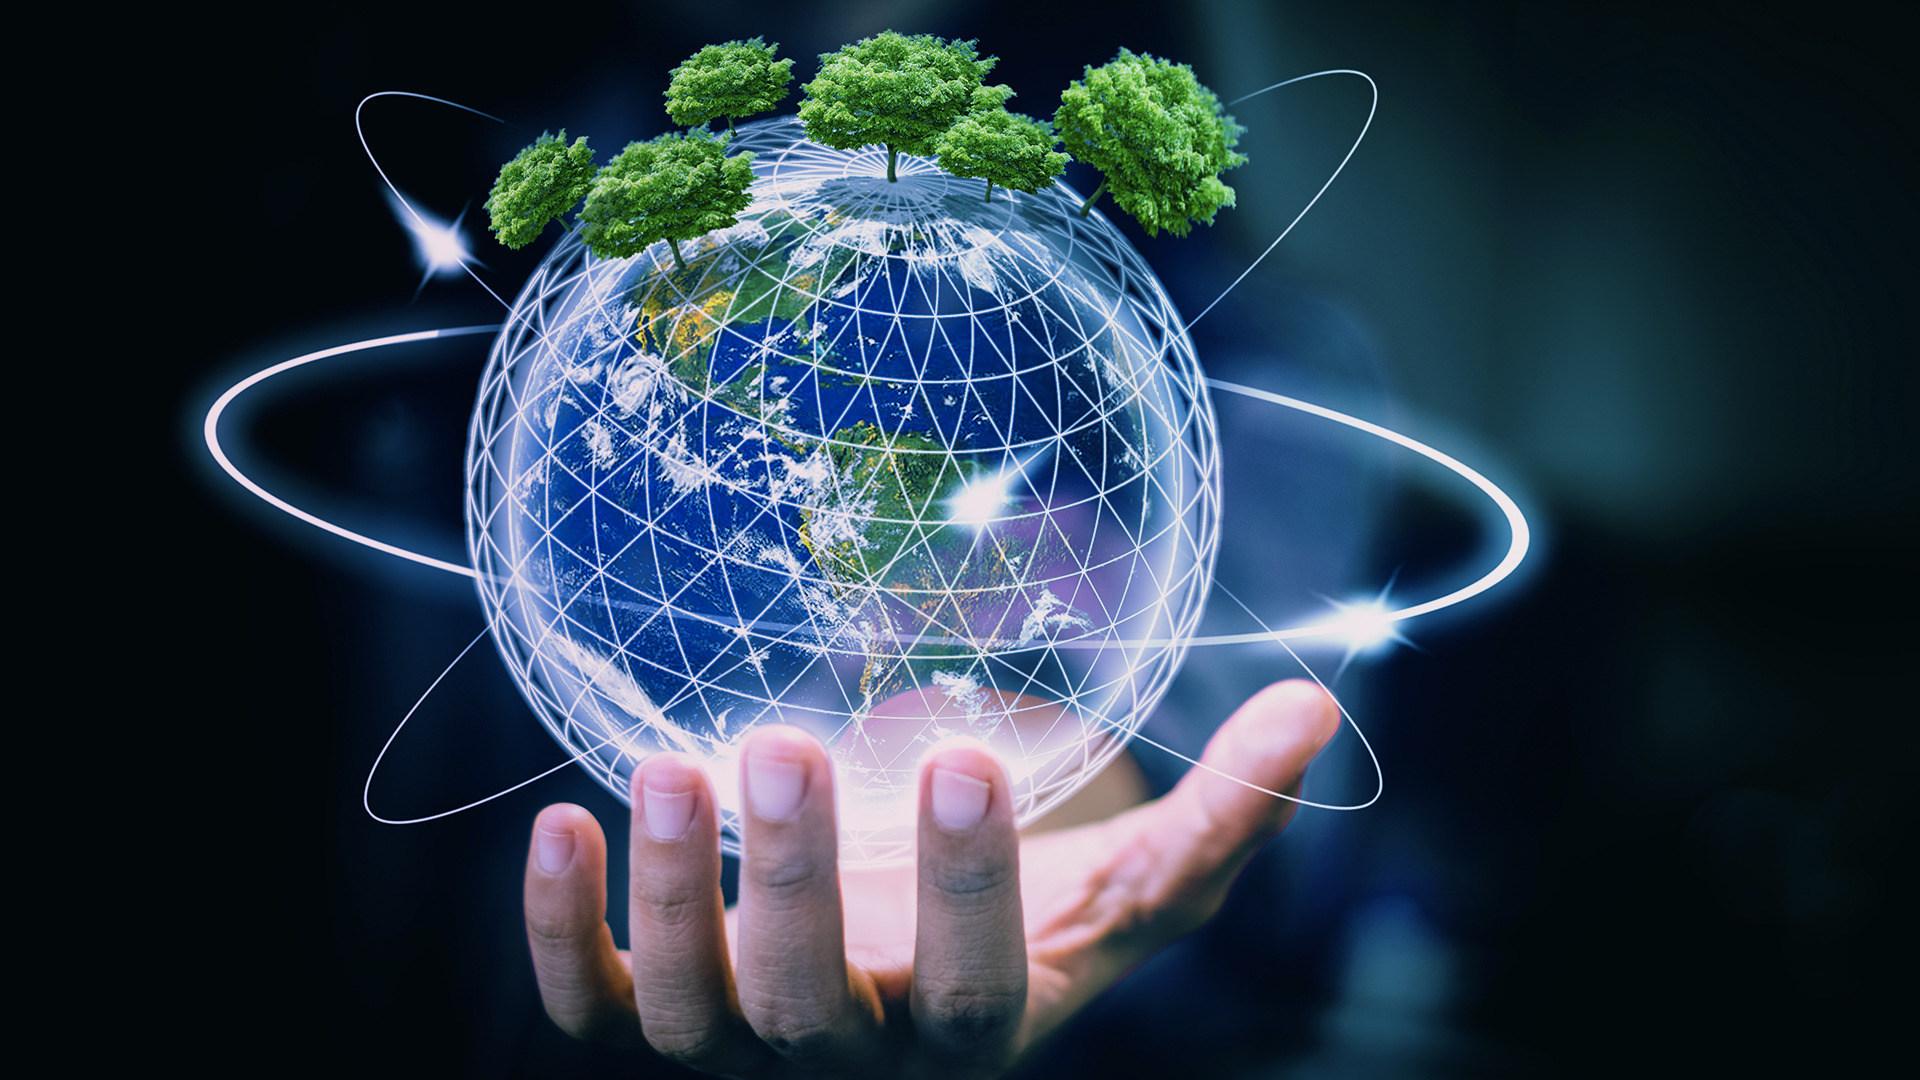 Weltraum, Energie, Weltall, Satellit, Umwelt, Erde, Umweltschutz, Klima, Planet, ökostrom, Greenpeace, Temperatur, Welt, Umweltfreundlich, Klimawandel, Klimaschutz, Ozean, Globus, Klimaerwärmung, Weltklimagipfel, Erderwärmung, Klimapolitik, Pflanze, Climate, Erwärmung, Regenwald, Urwald